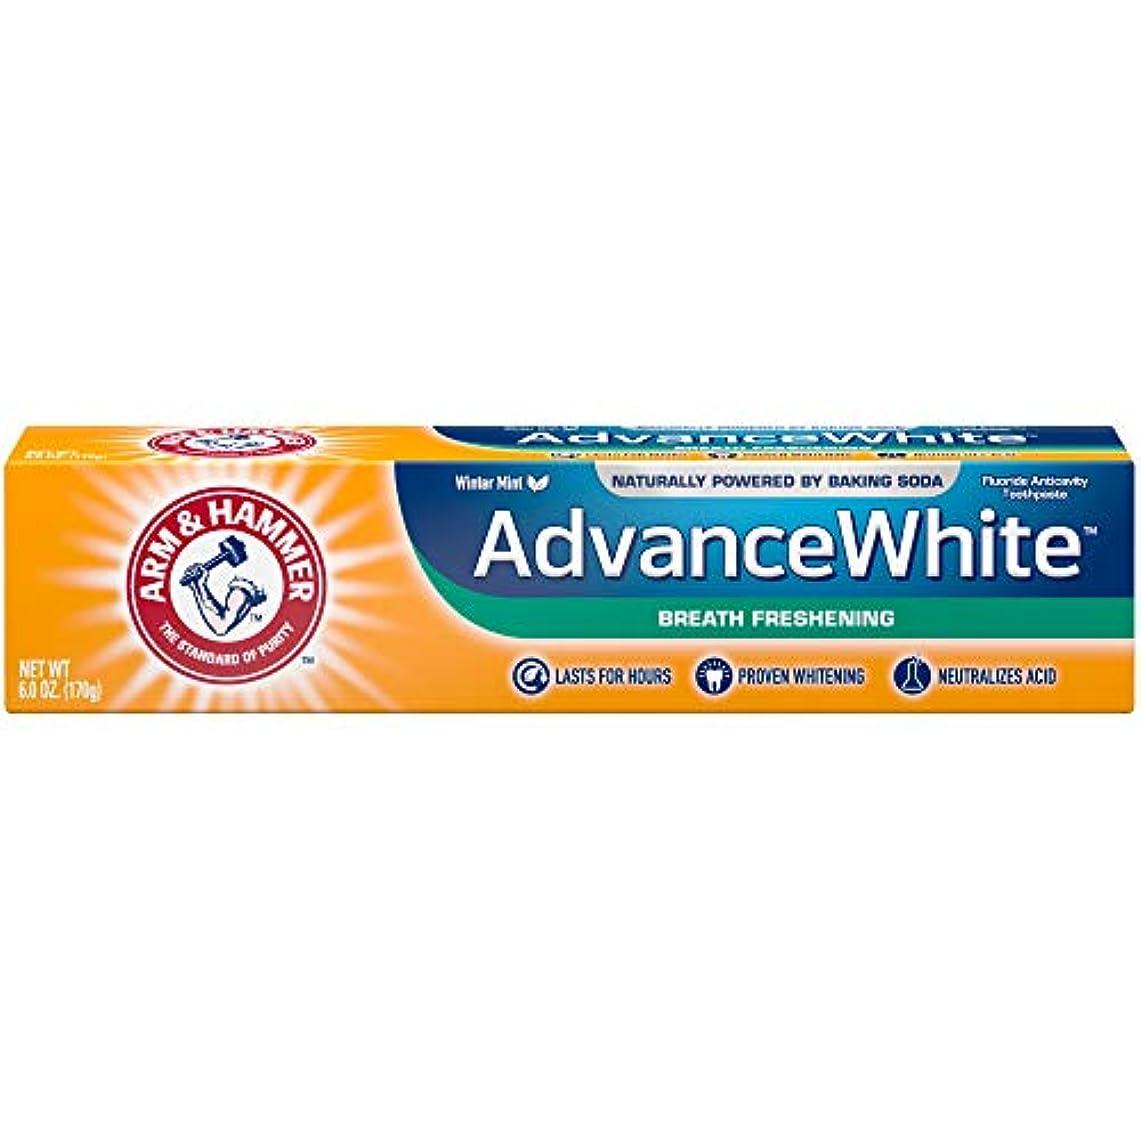 効率的悲劇カプラーアーム&ハマー アドバンス ホワイト 歯磨き粉 ブレス フレッシュニング 170g Advance White Breath Freshing Baking Soda & Frosted Mint